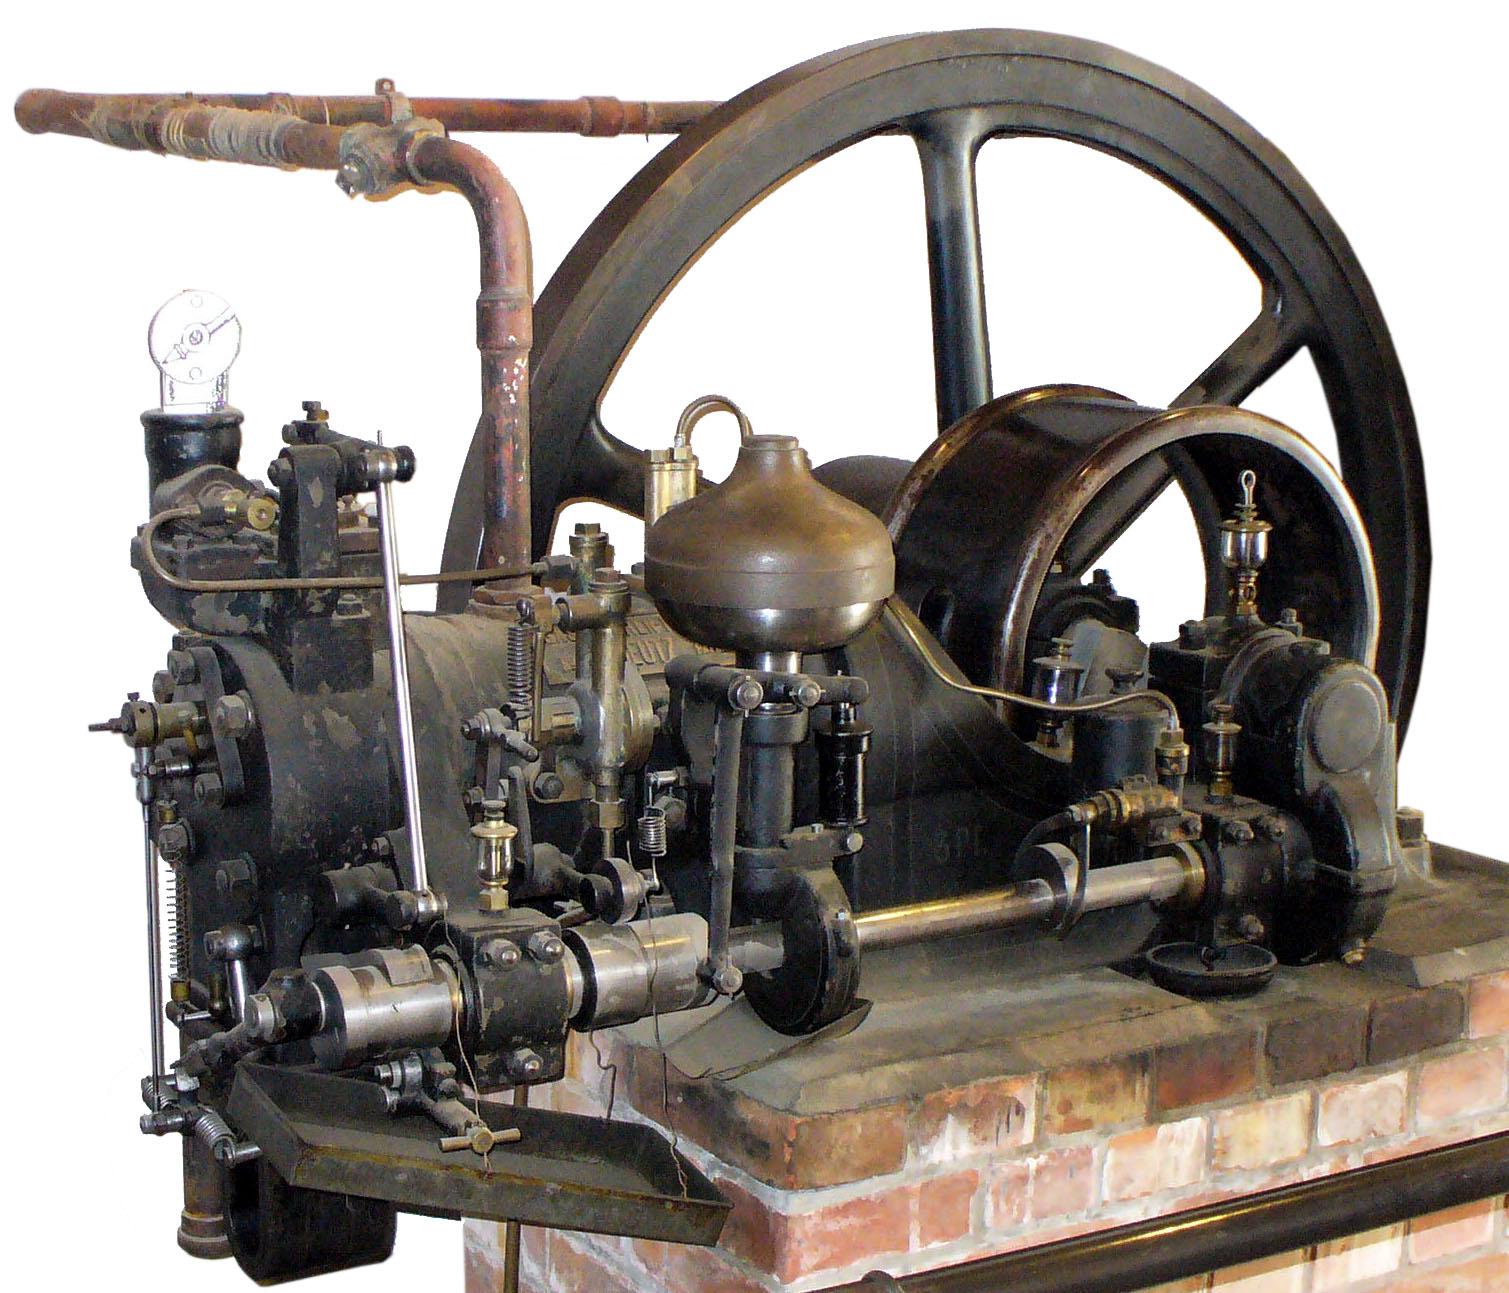 Blick auf einen liegenden Deutz Ottomotor von 1902 als Stationärmotor